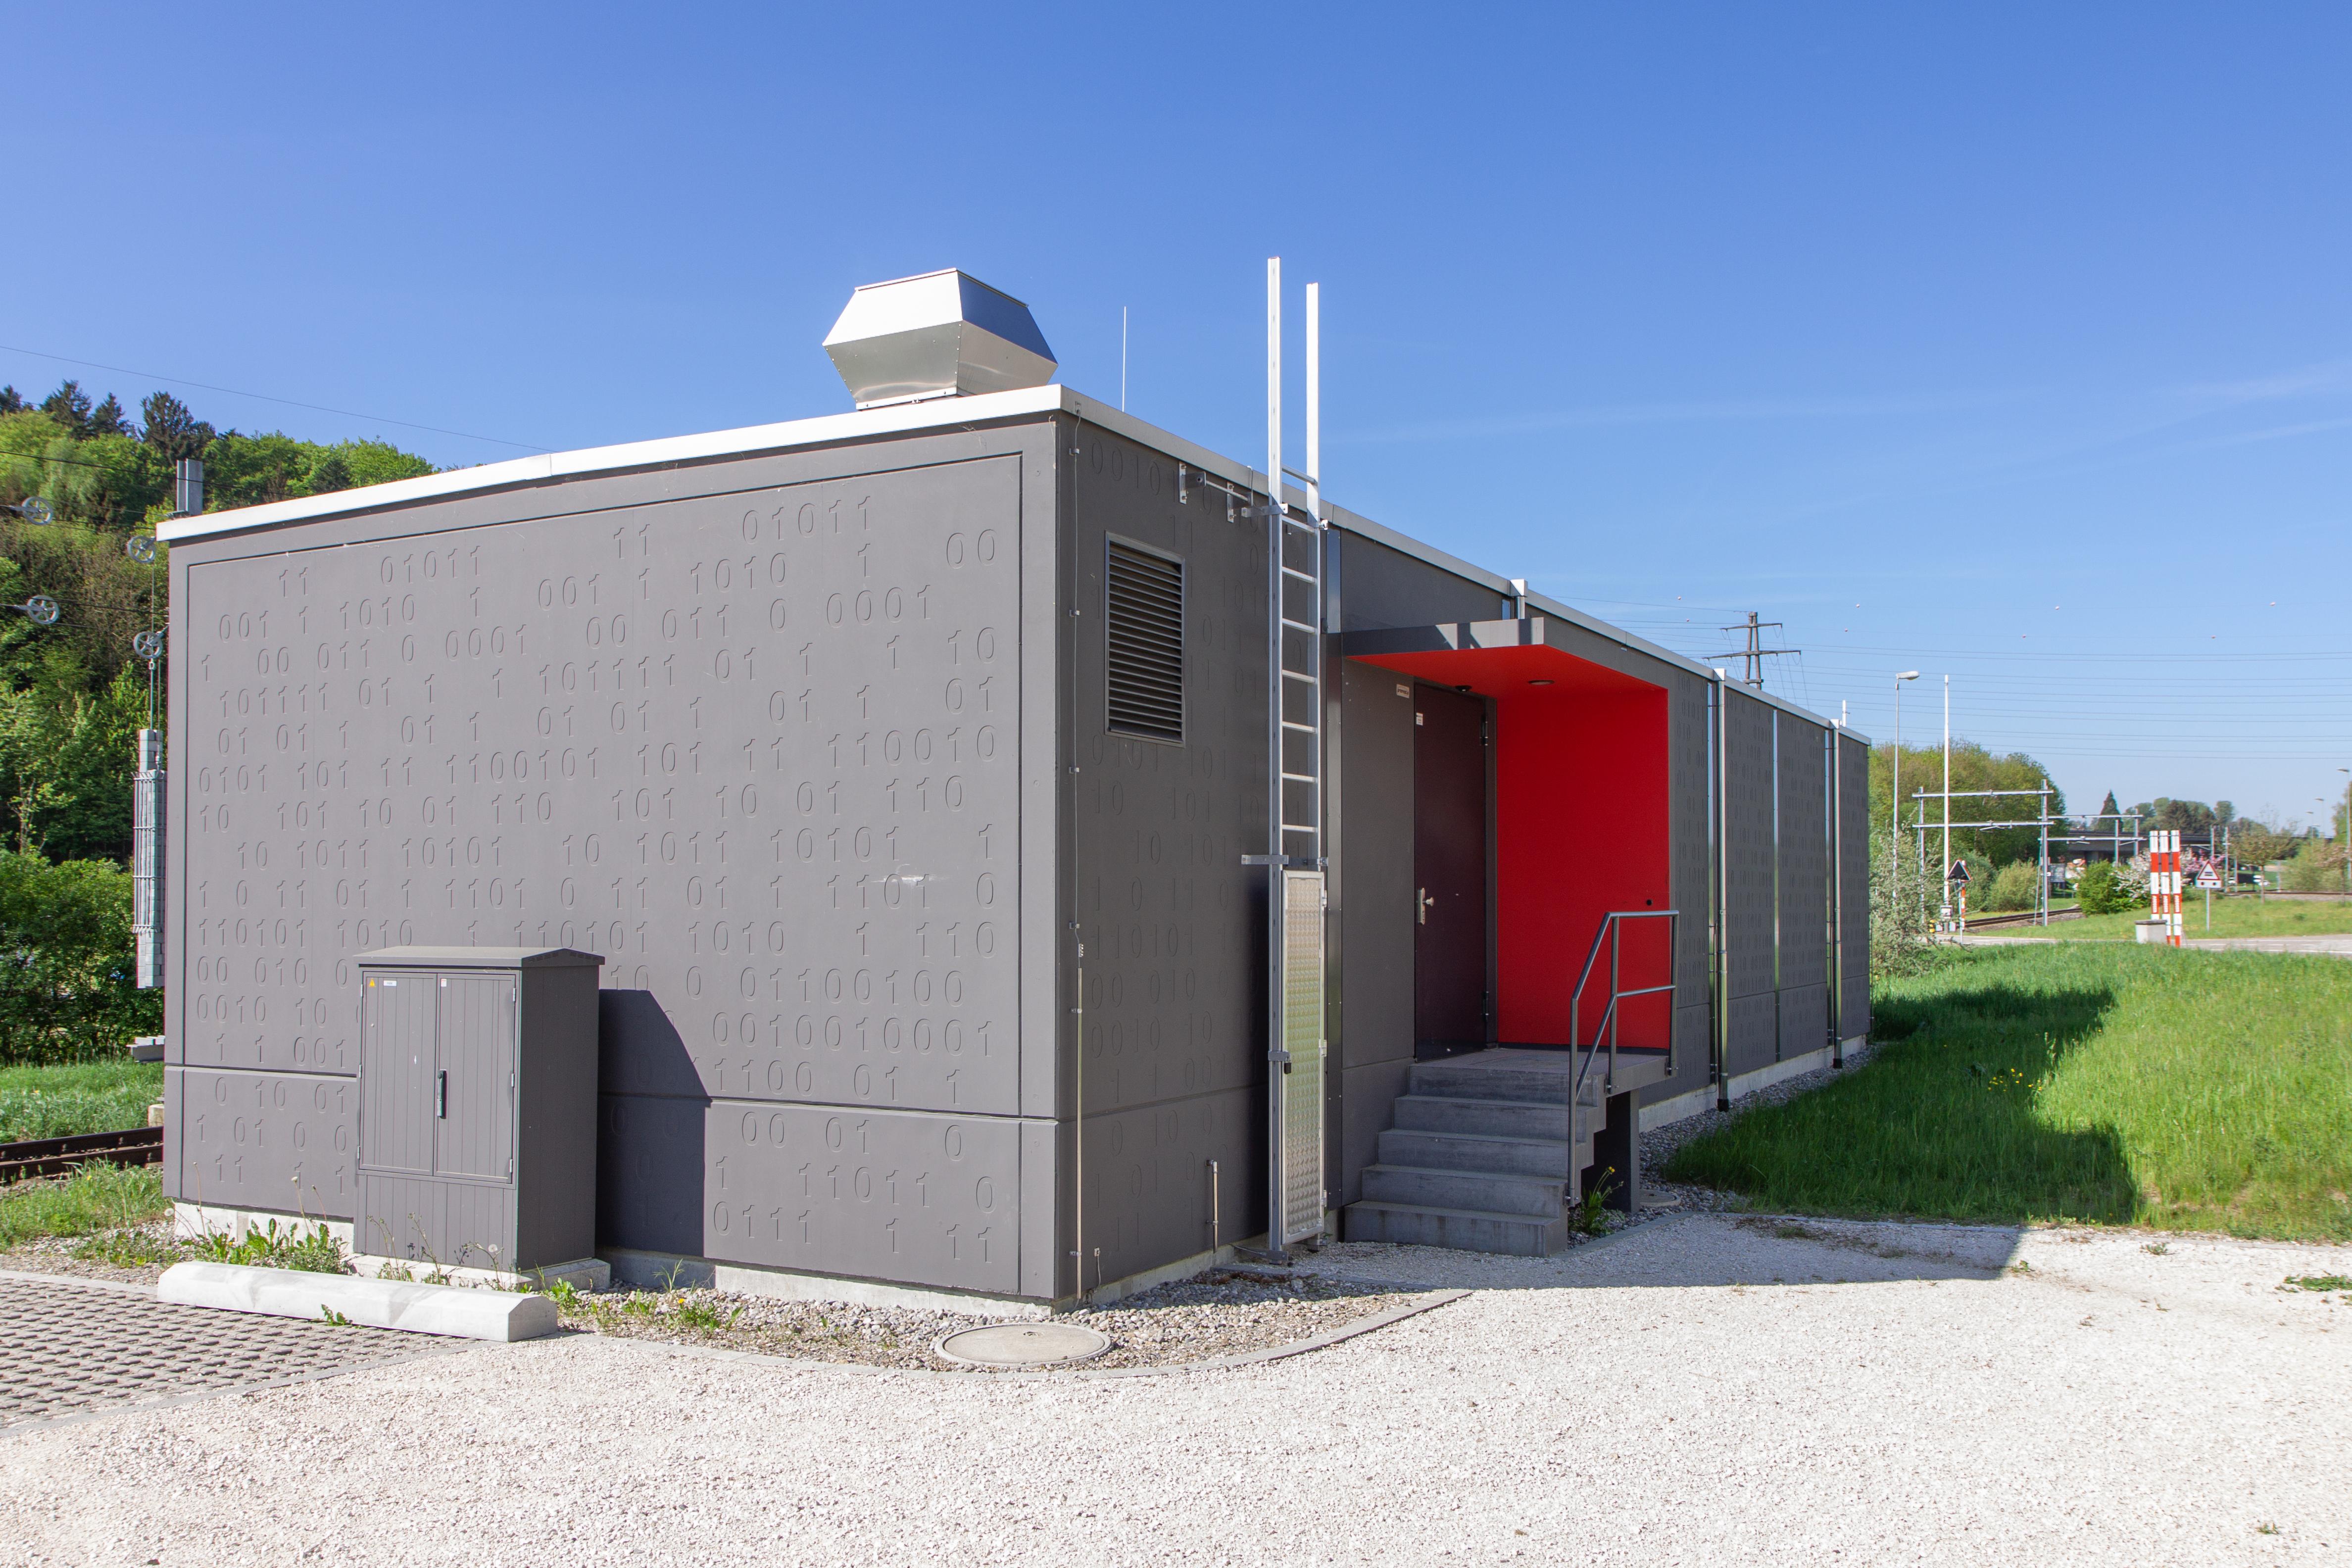 Bahntechnikgebäude, 5742 Kölliken-0503